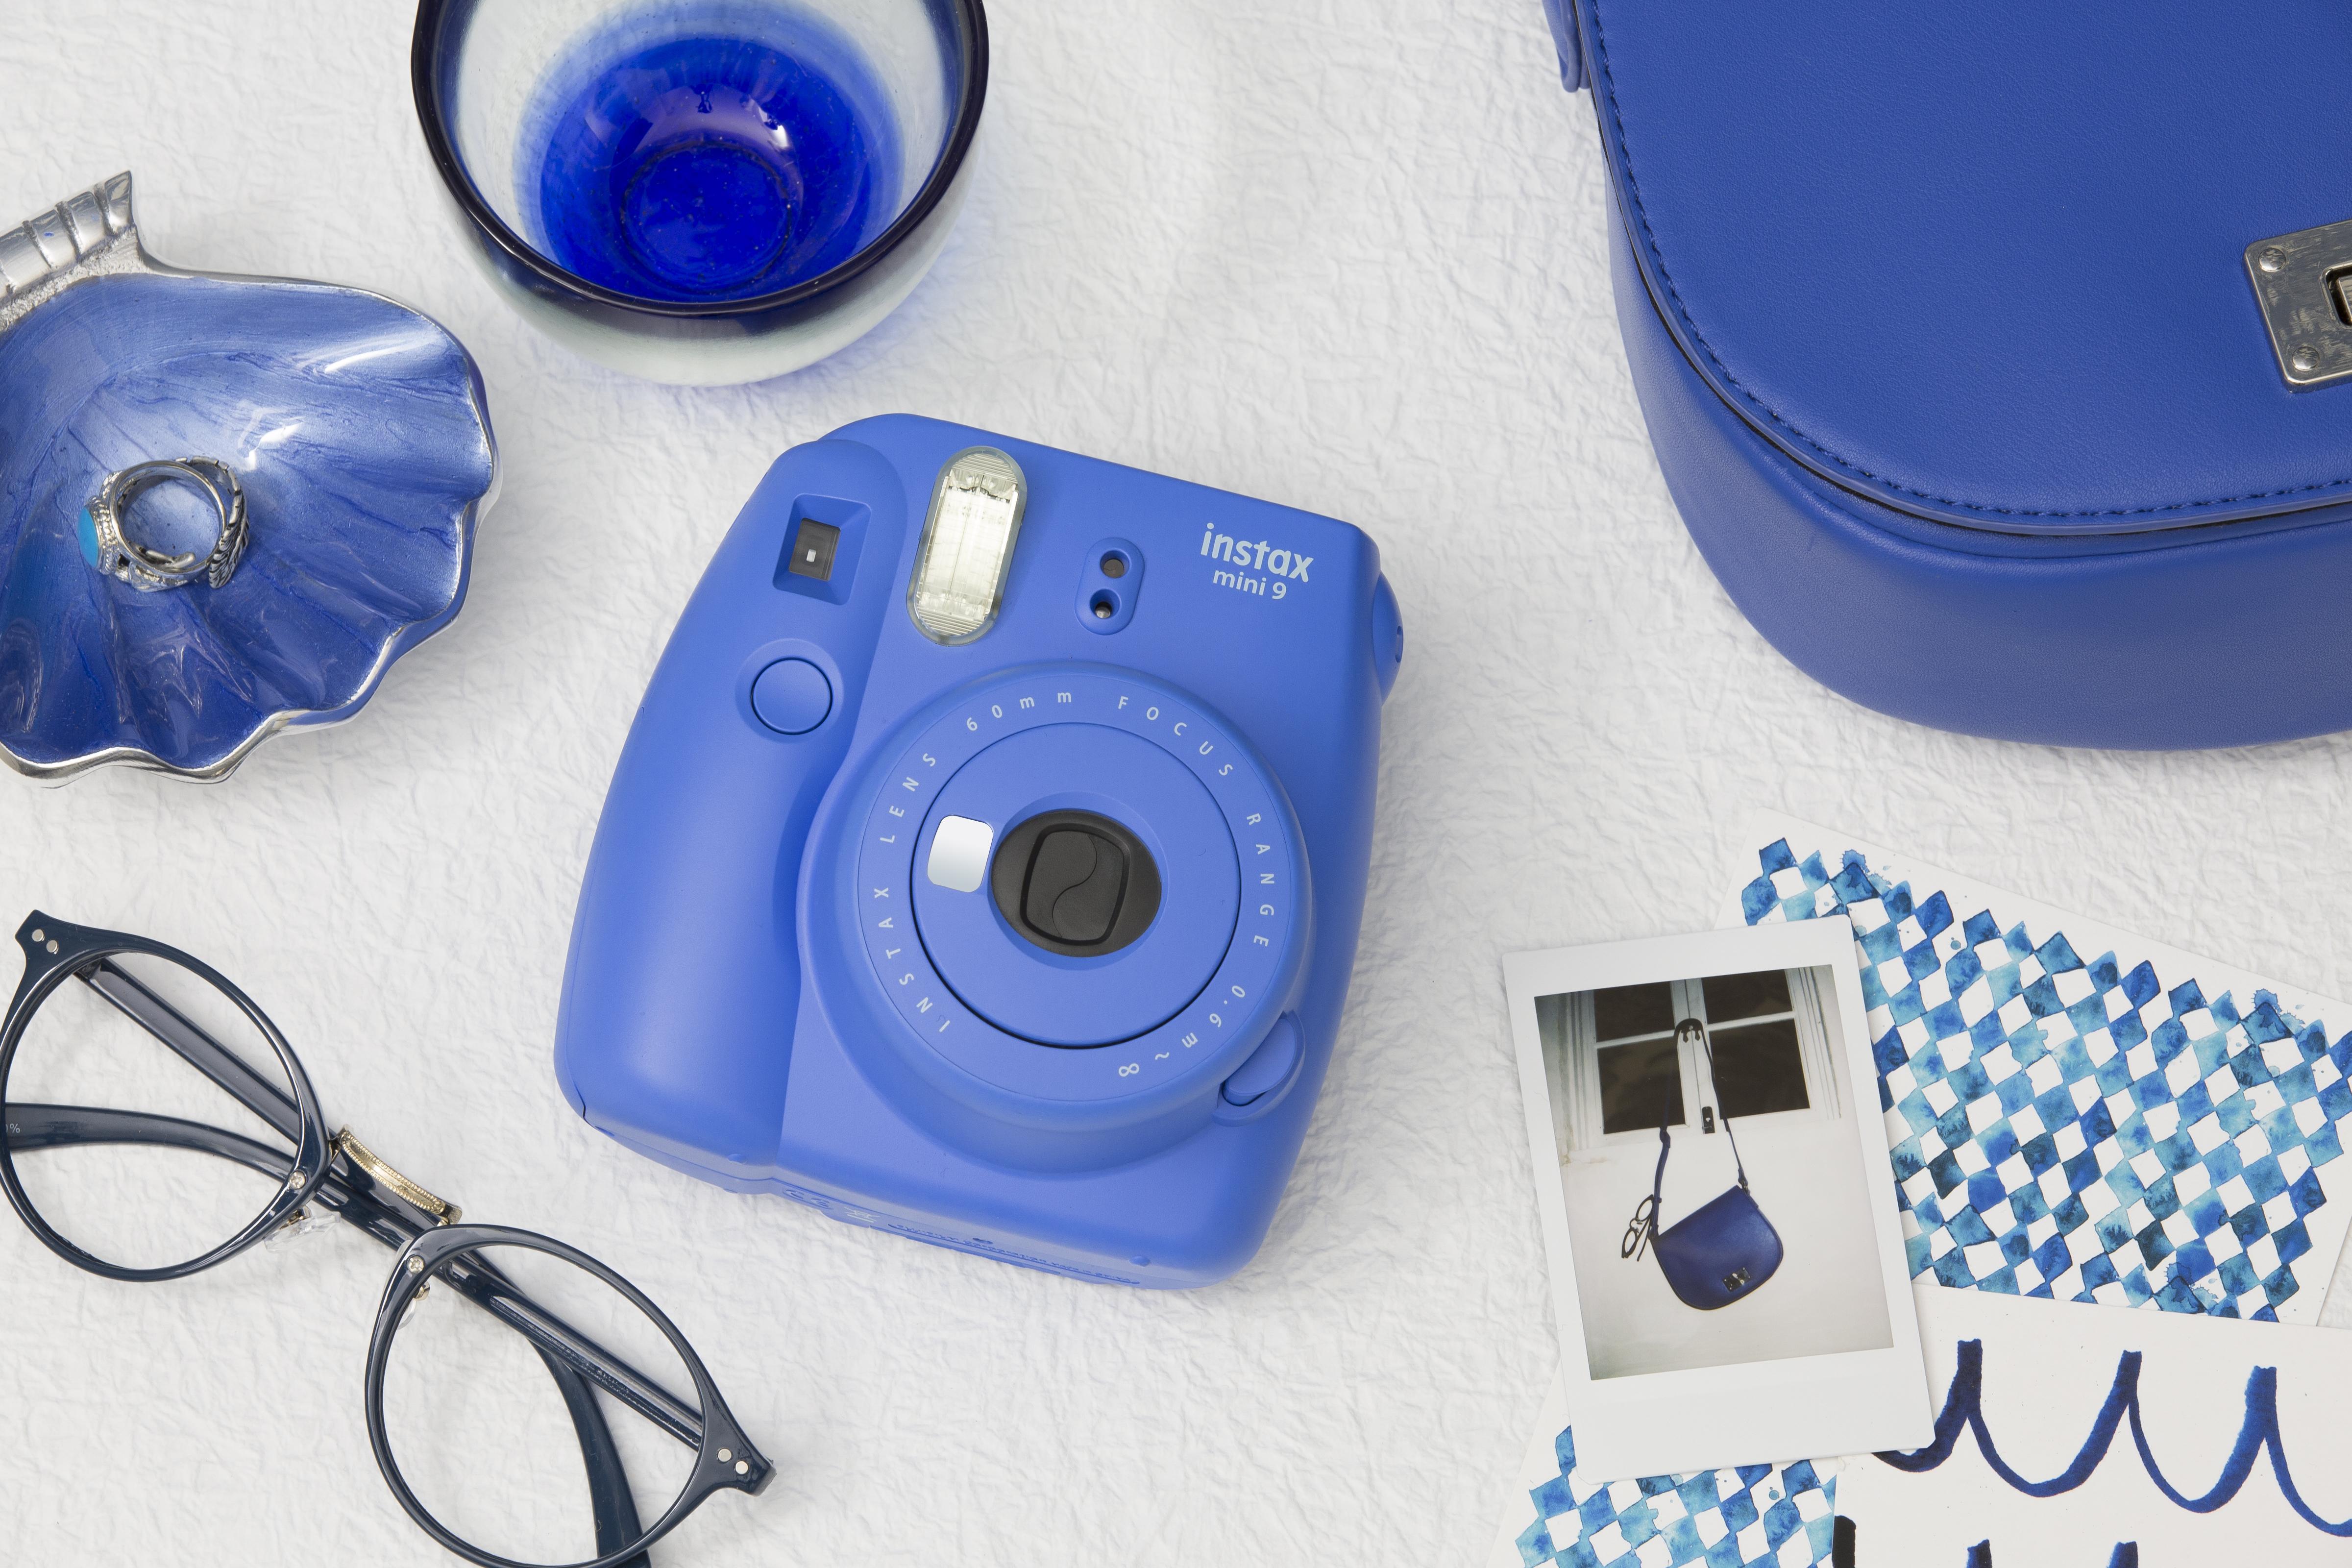 Fujifilm - Instax Mini 9 - 2